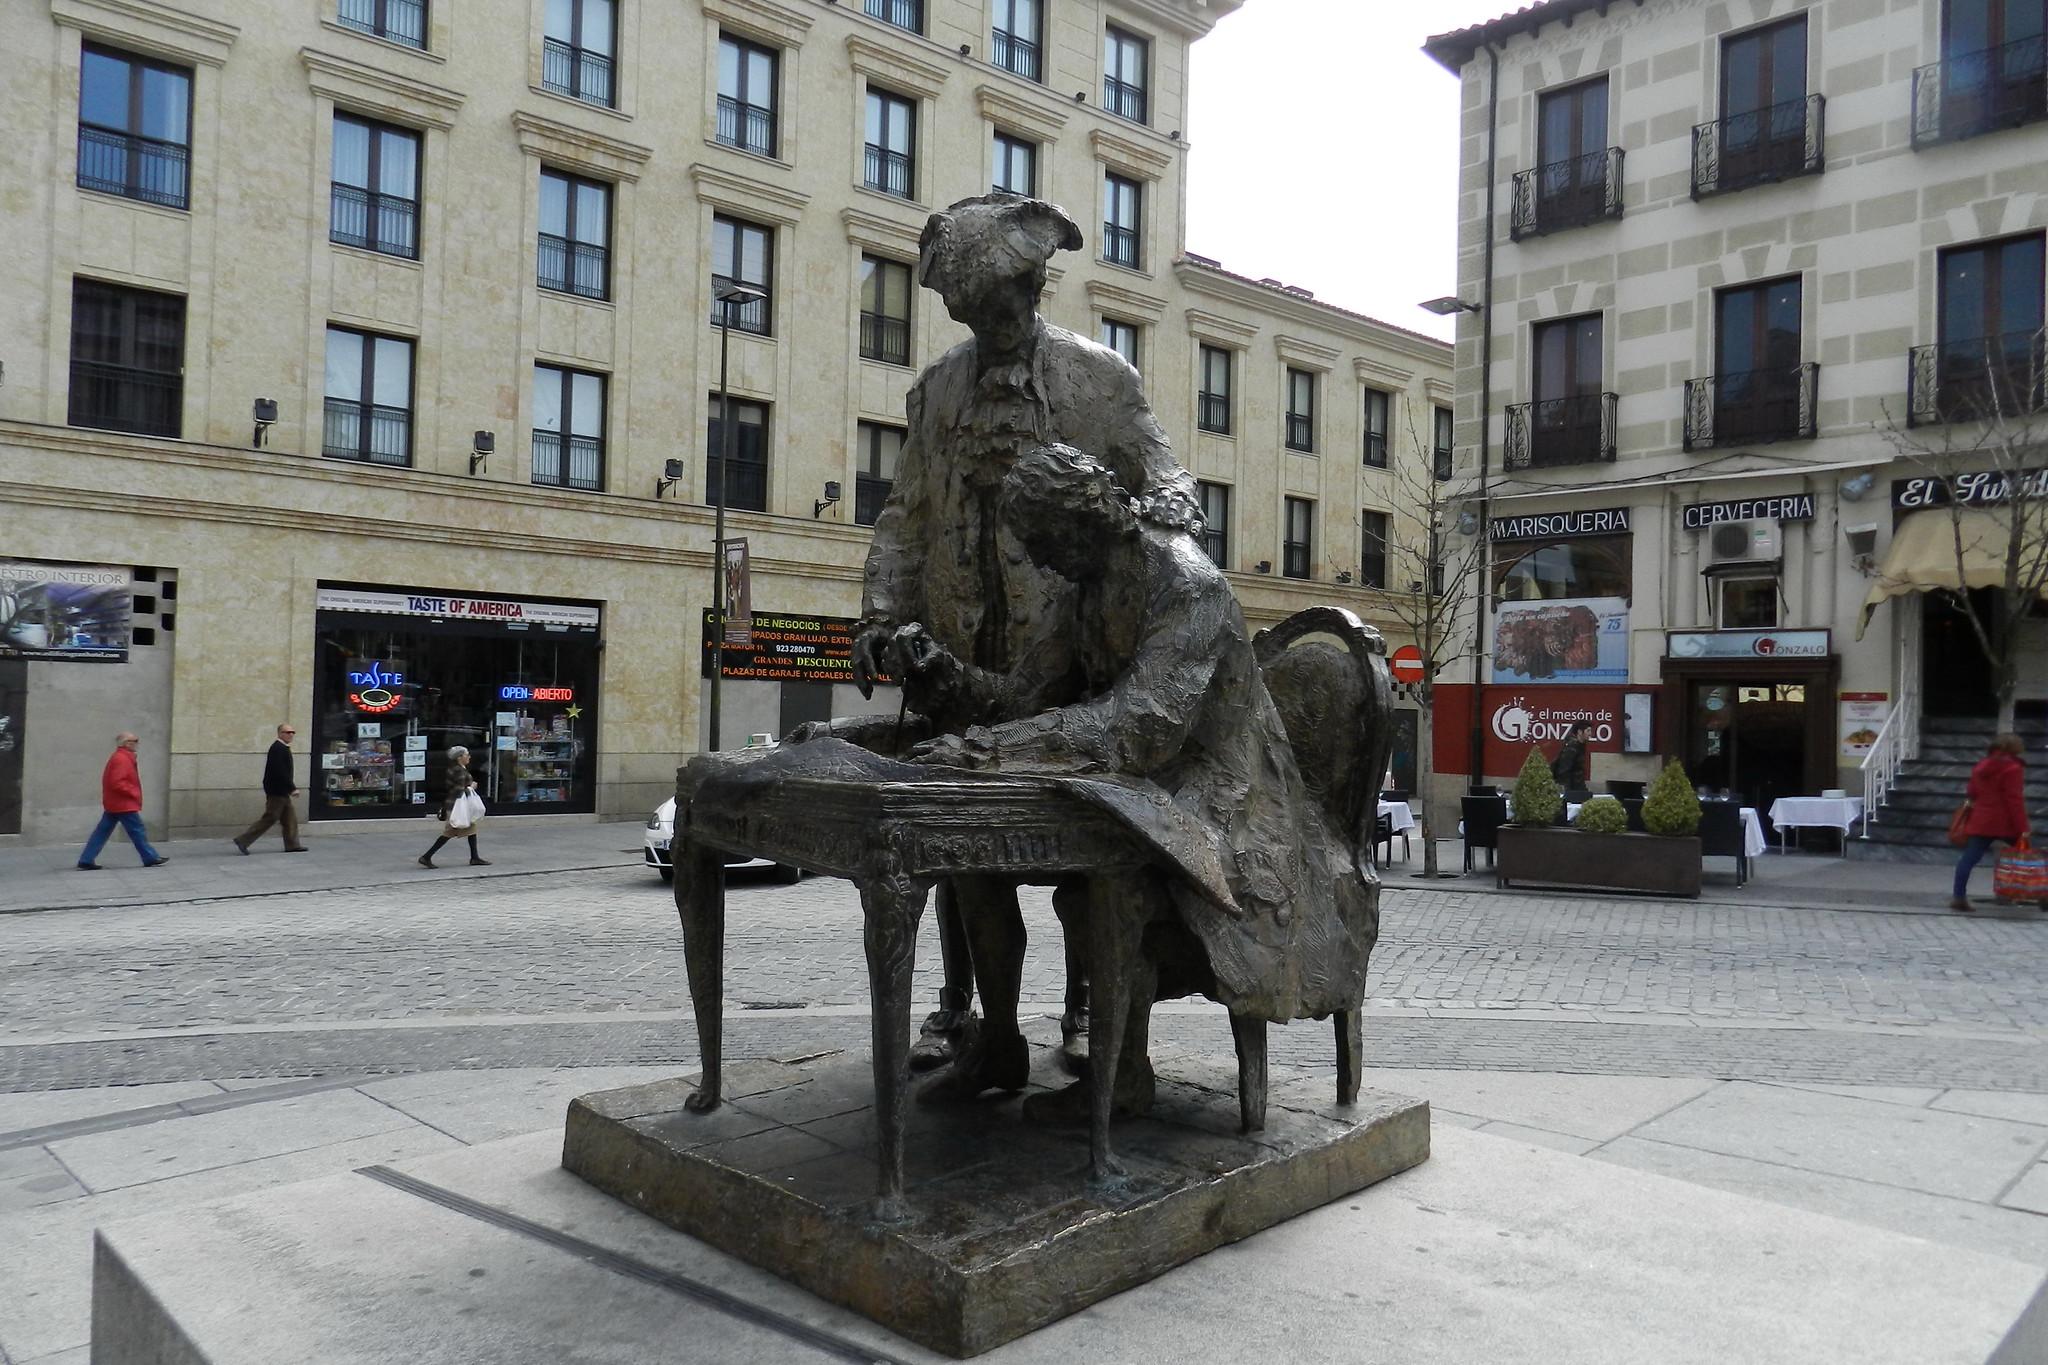 Monumento a Alberto Churriguera y al Conde Francos Salamanca